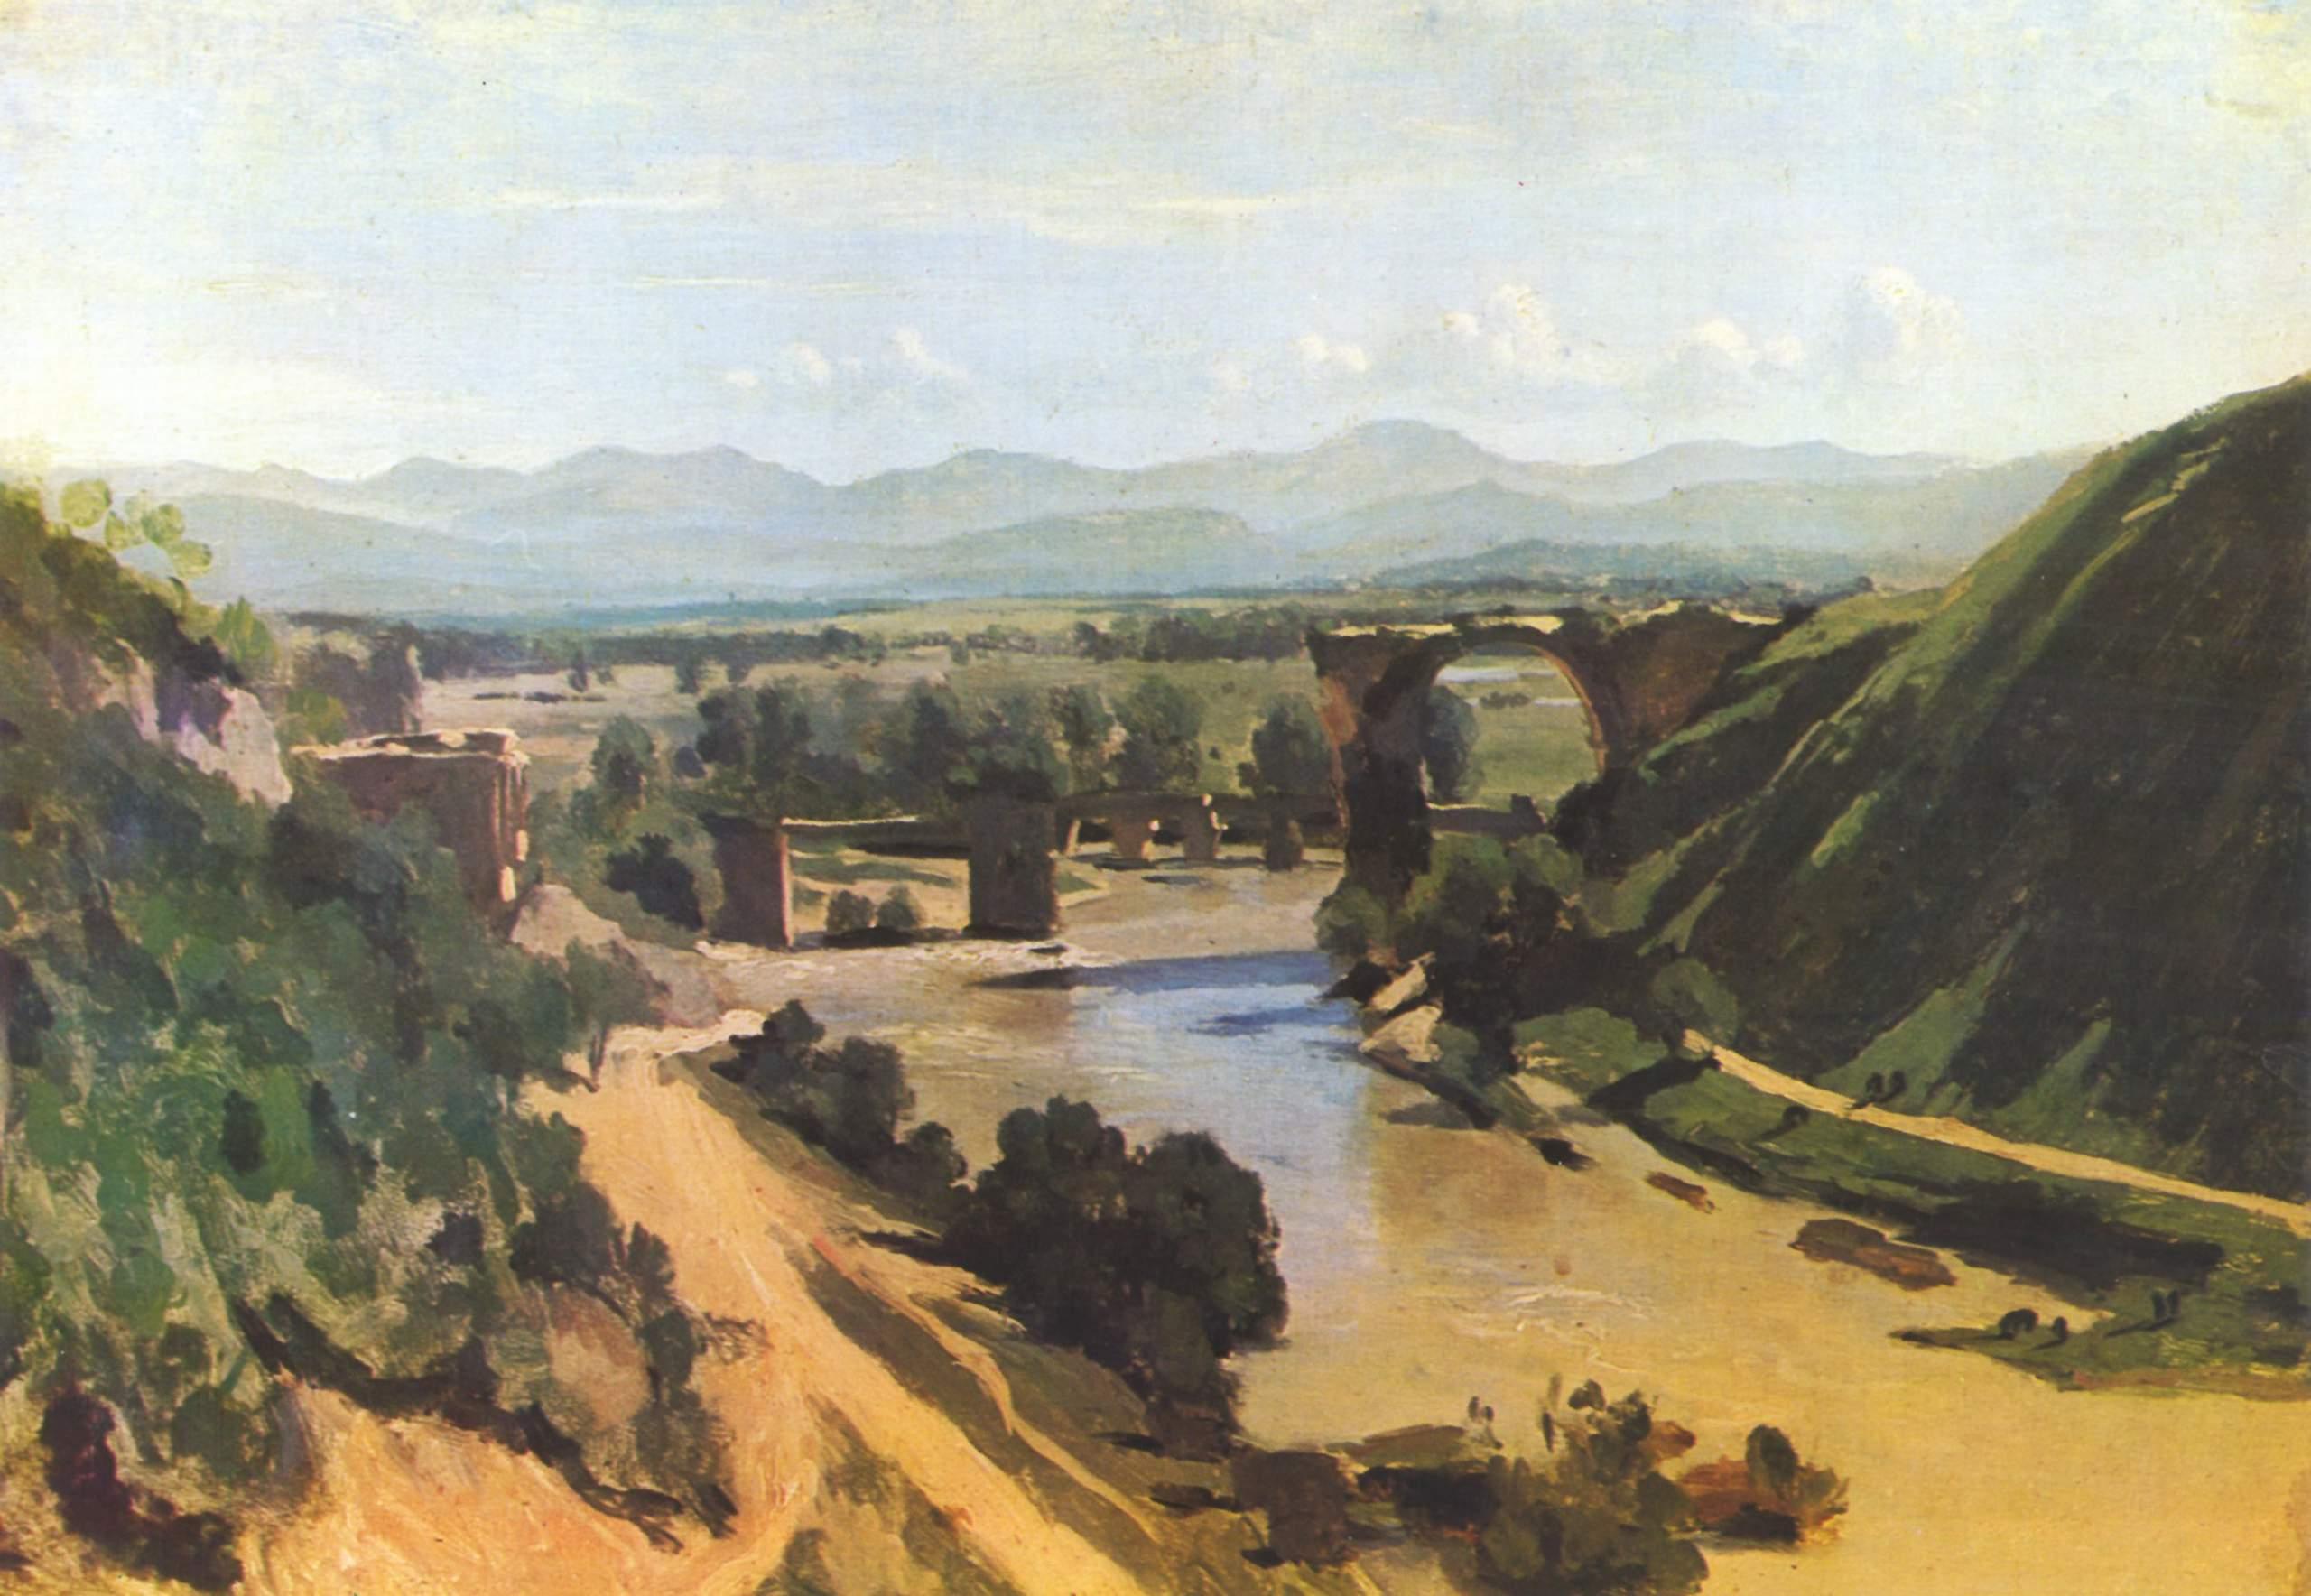 Landschaftsmalerei impressionismus  Impressionismus (Malerei) – Wikipedia